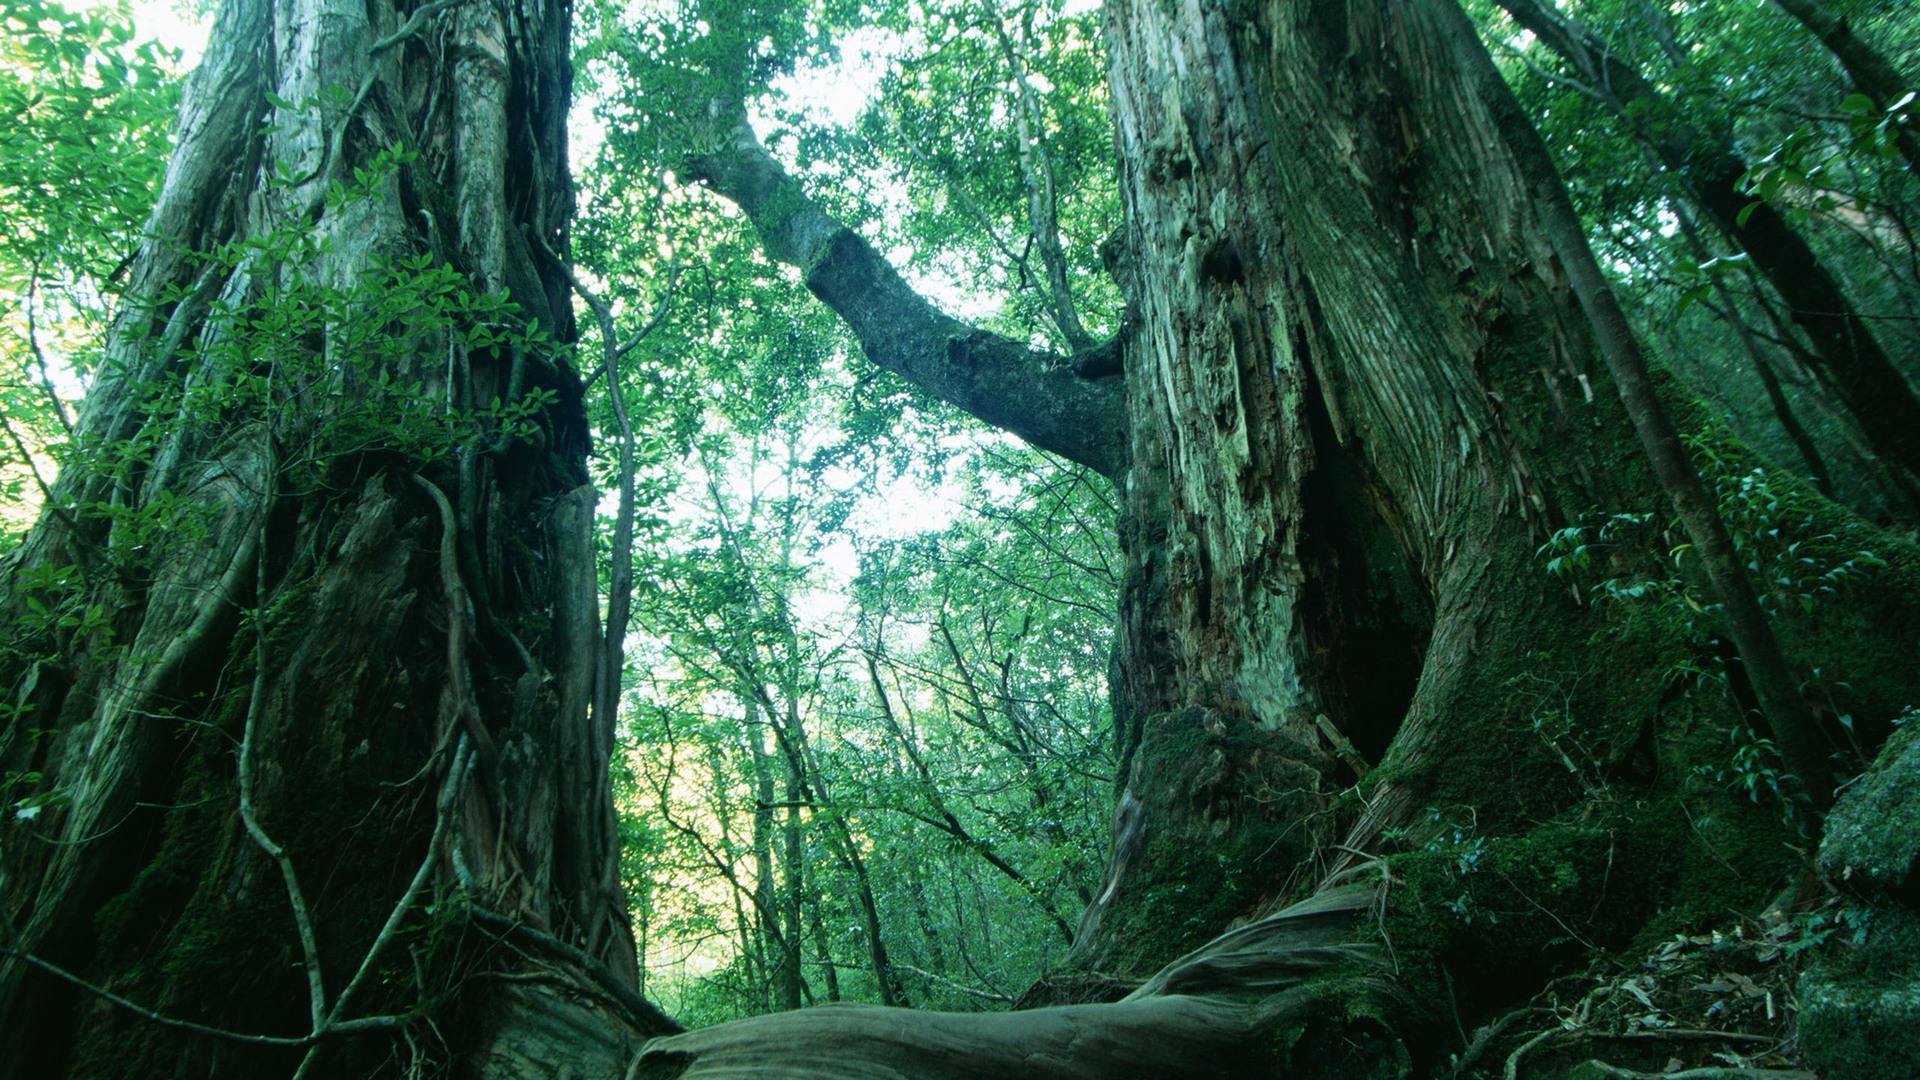 壁纸 风景 森林 桌面 1920_1080